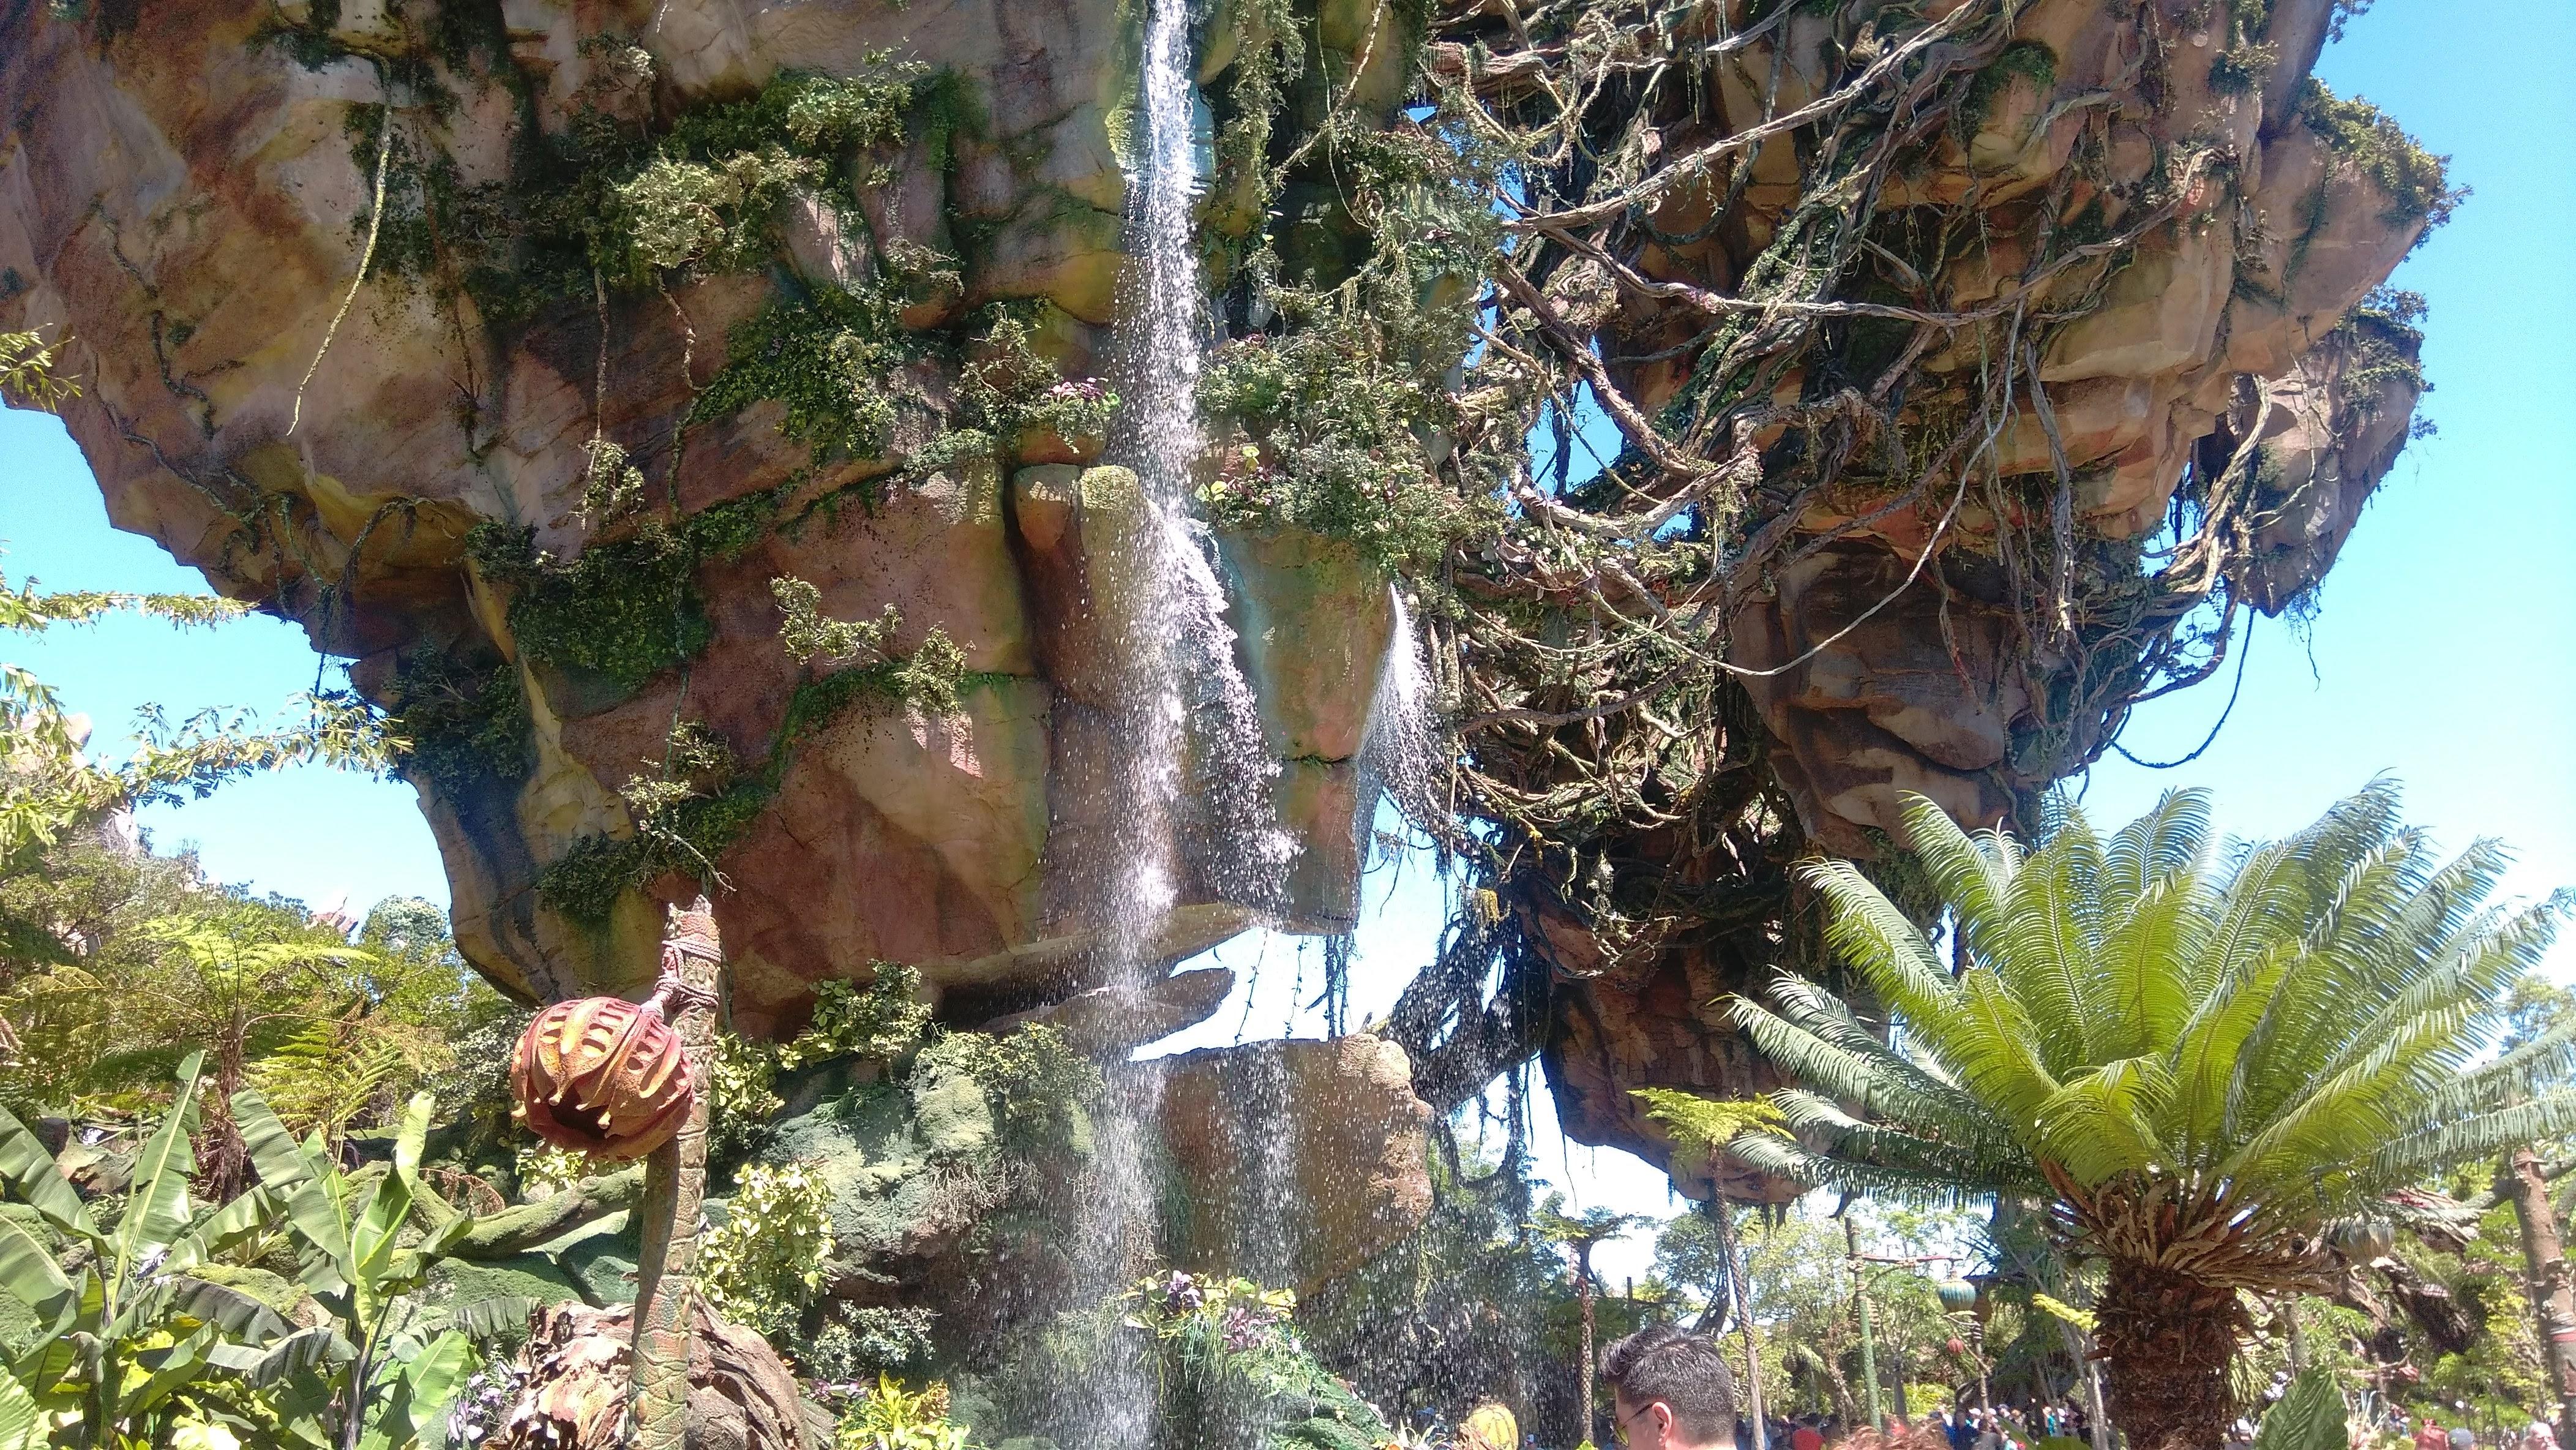 Na\'vi River Ride Pandora at Animal Kingdom - review (9)